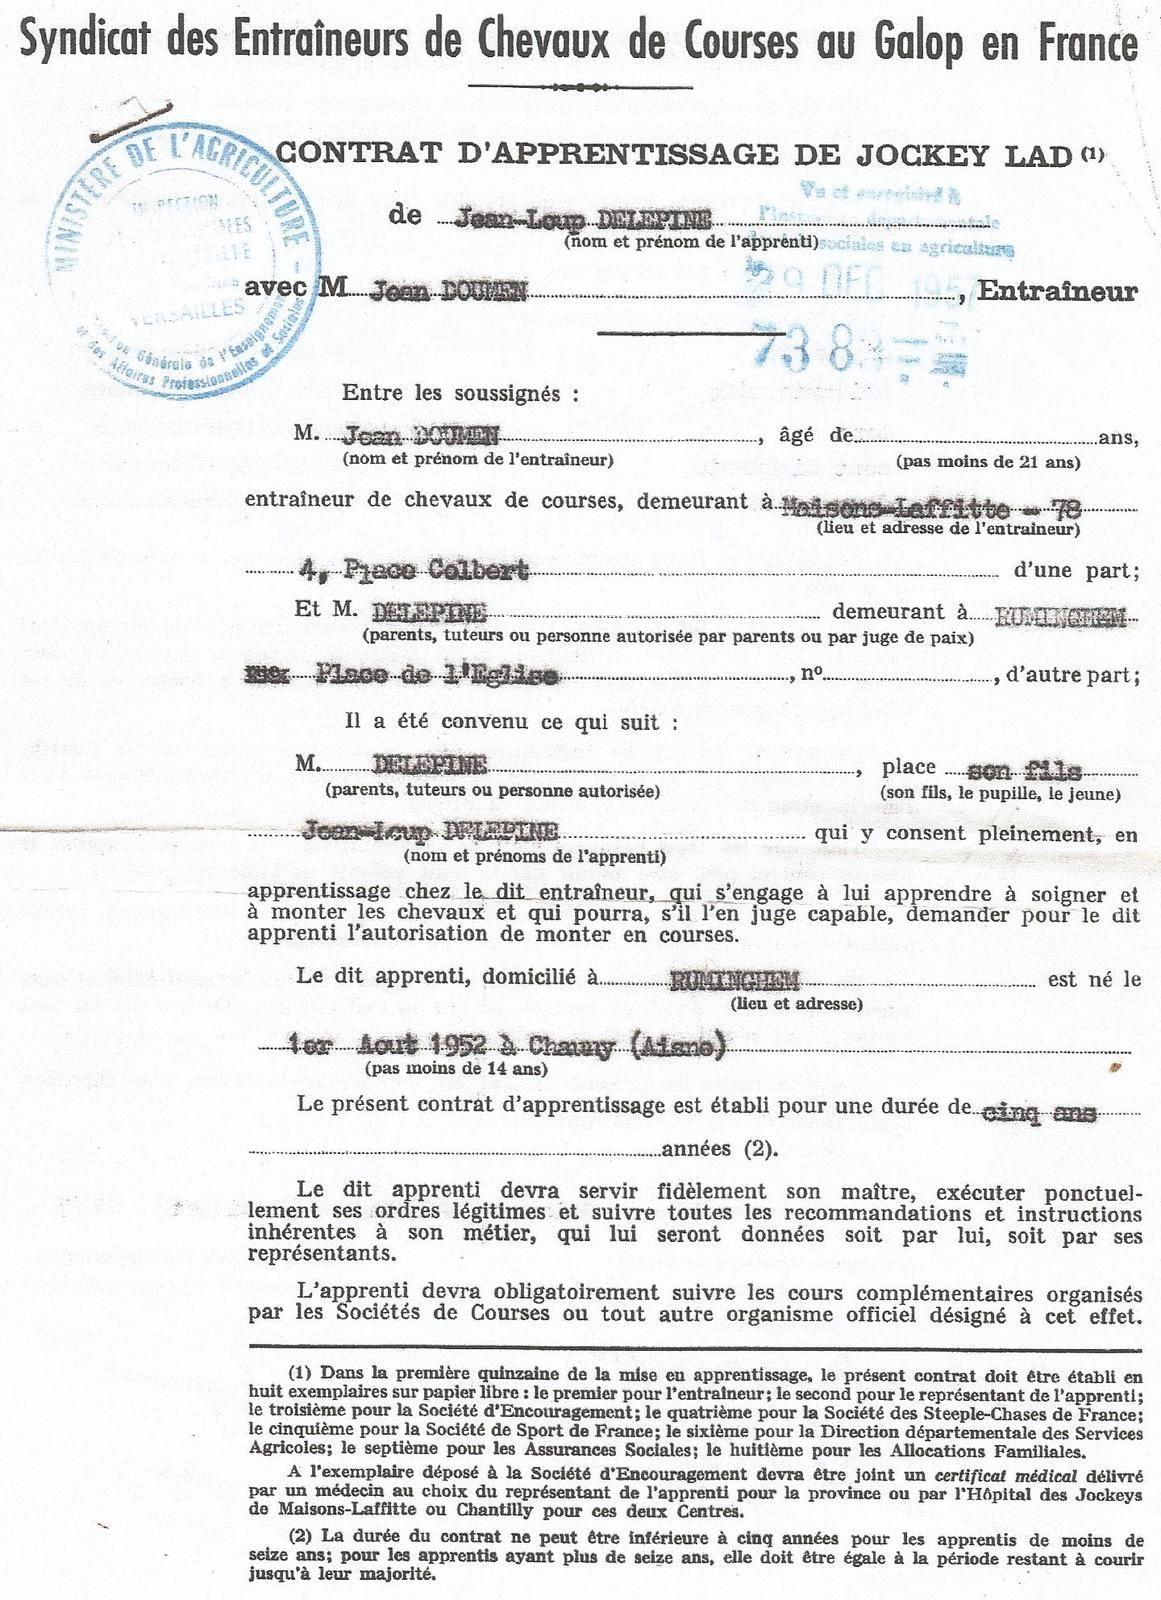 Mémoires d'un apprenti-jockey à Maisons-Laffitte (2)